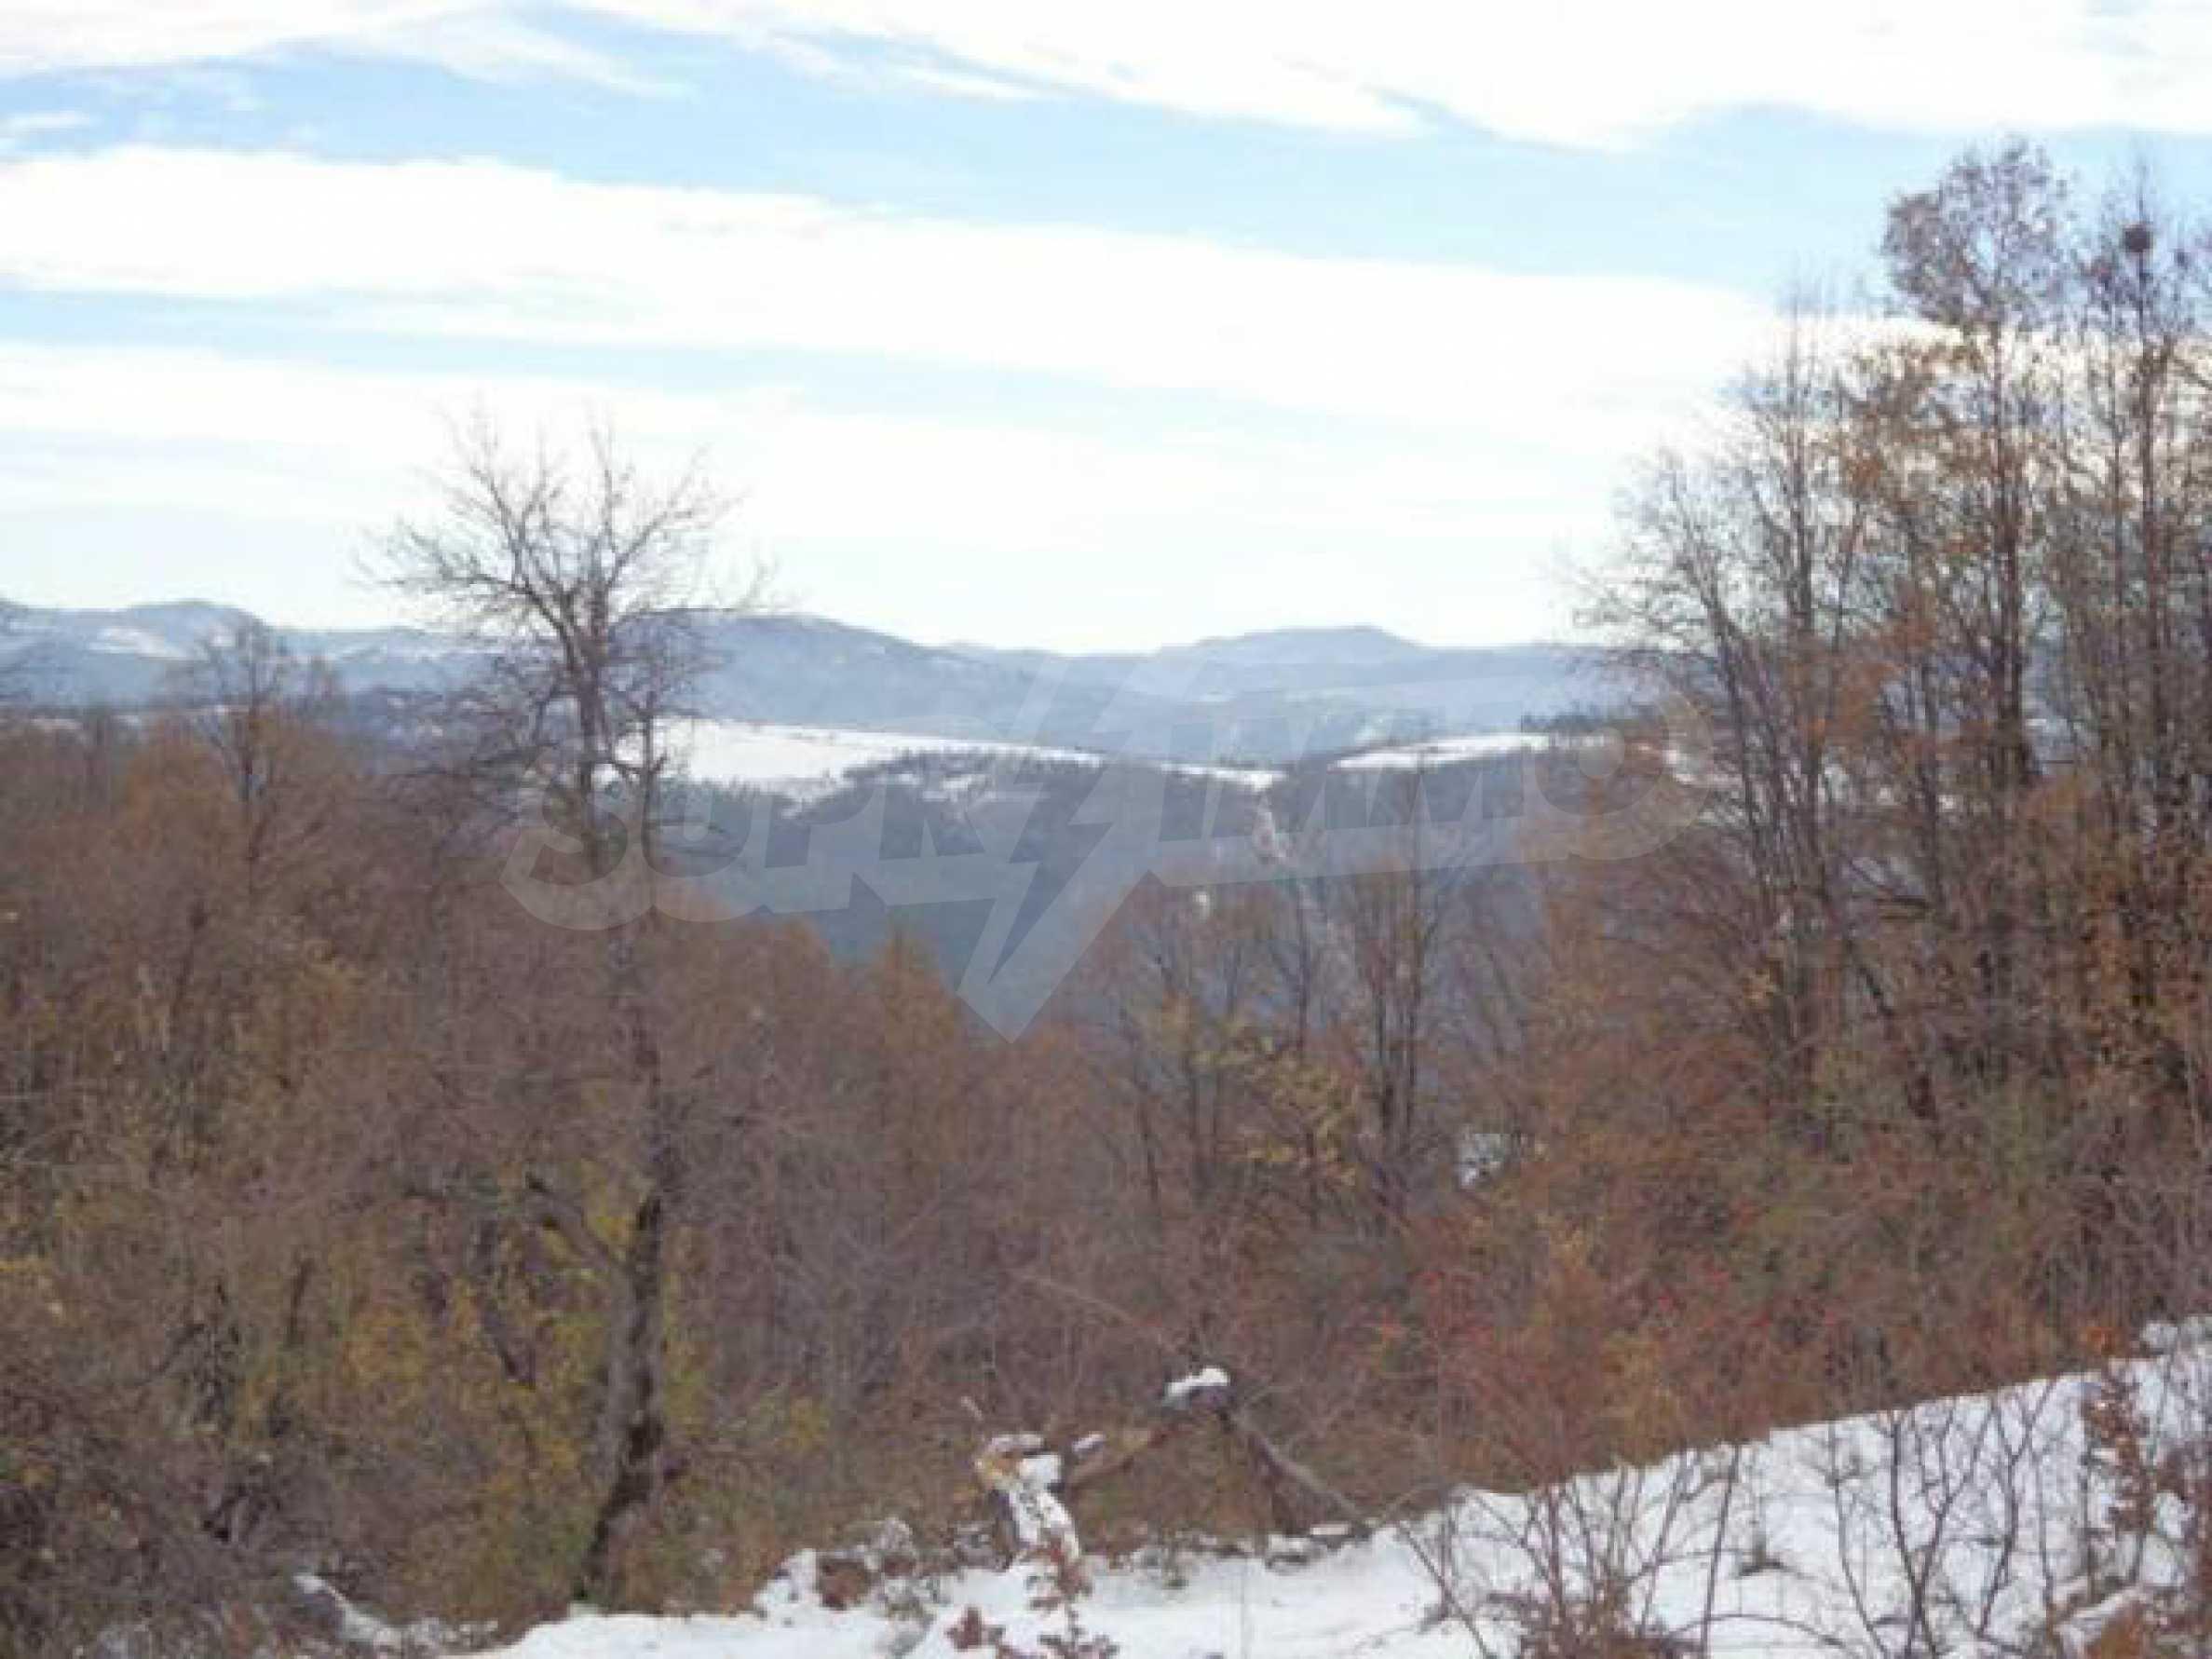 Grundstück zum Verkauf in einem Dorf 5 km von Tryavna entfernt 8